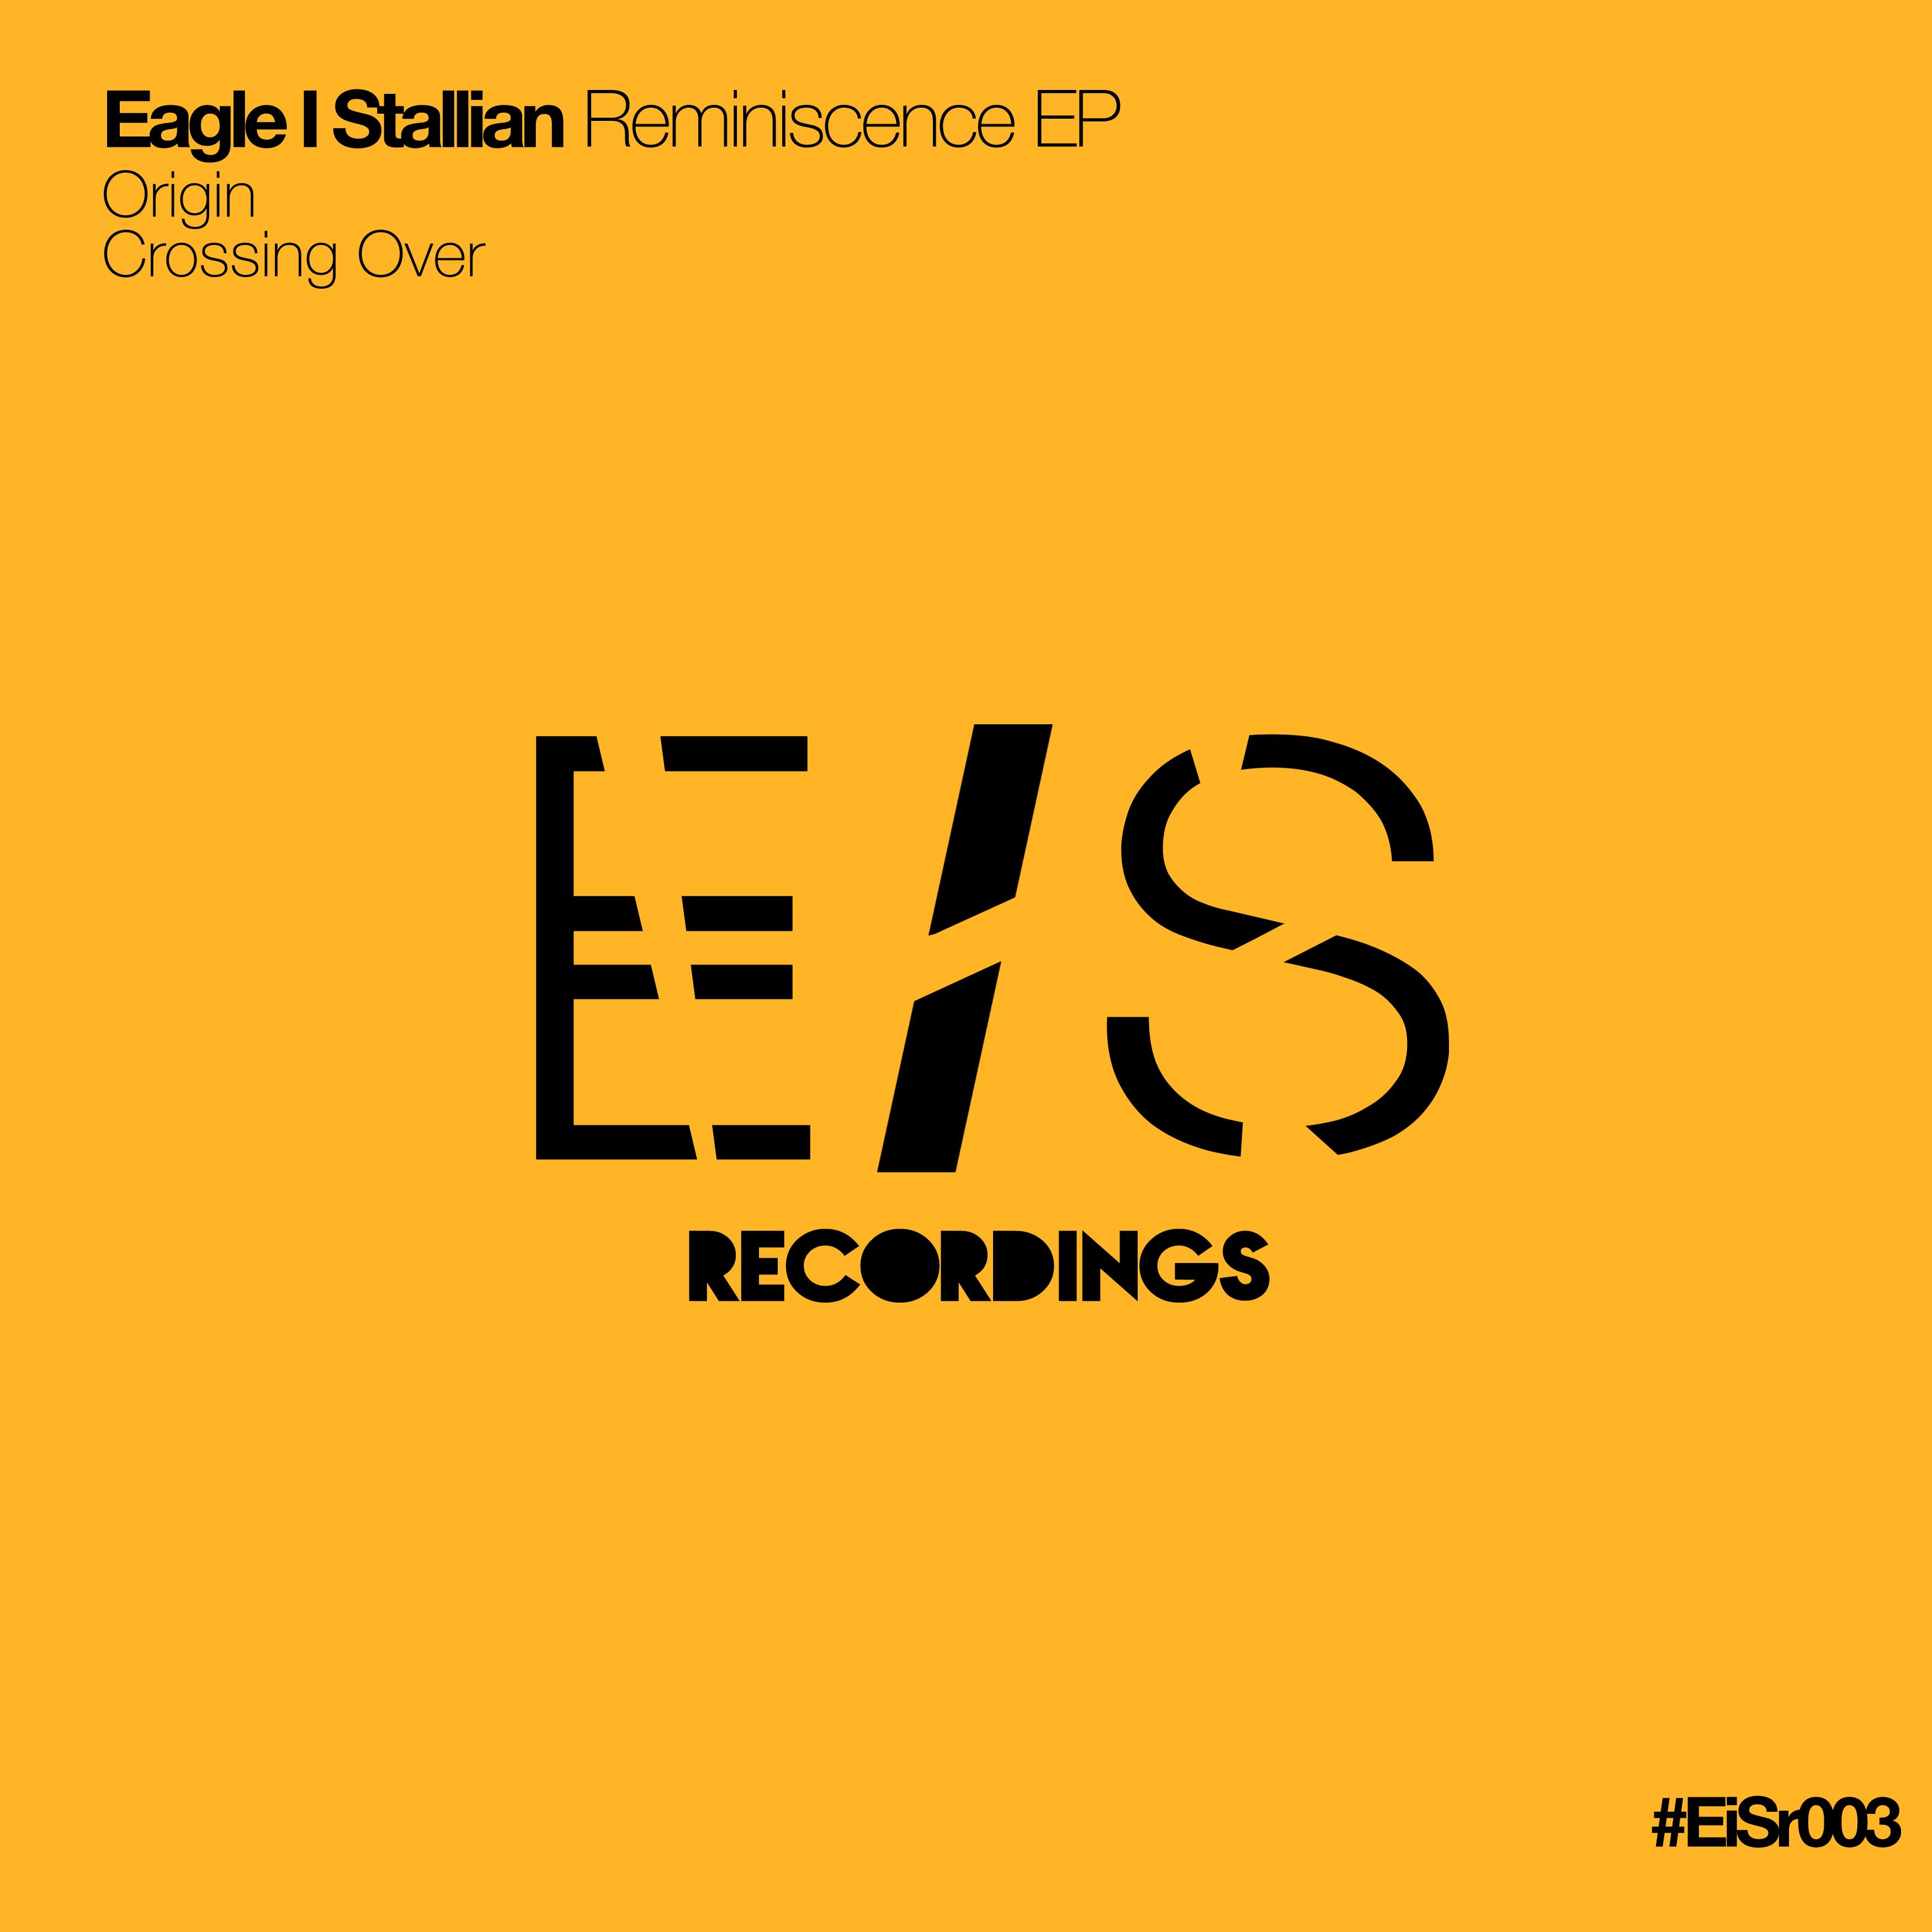 eagle_i_stallian_-_reminiscence_ep.jpg